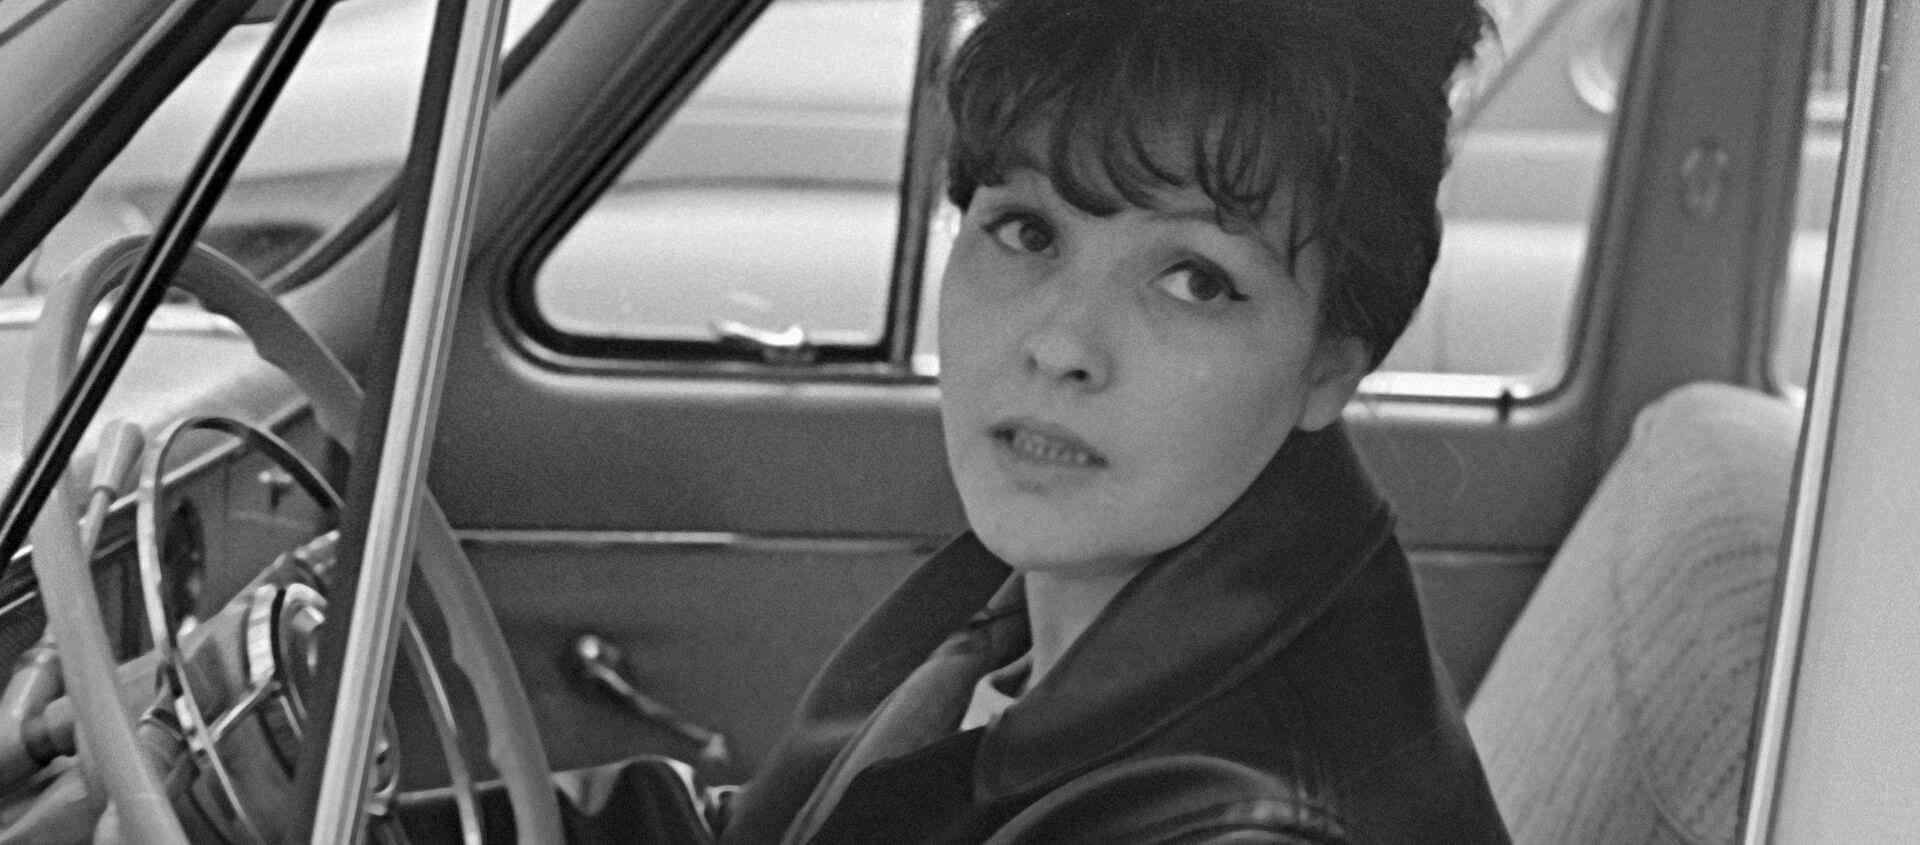 Советская поэтесса Белла Ахмадулина за рулем автомобиля - Sputnik Грузия, 1920, 23.07.2020